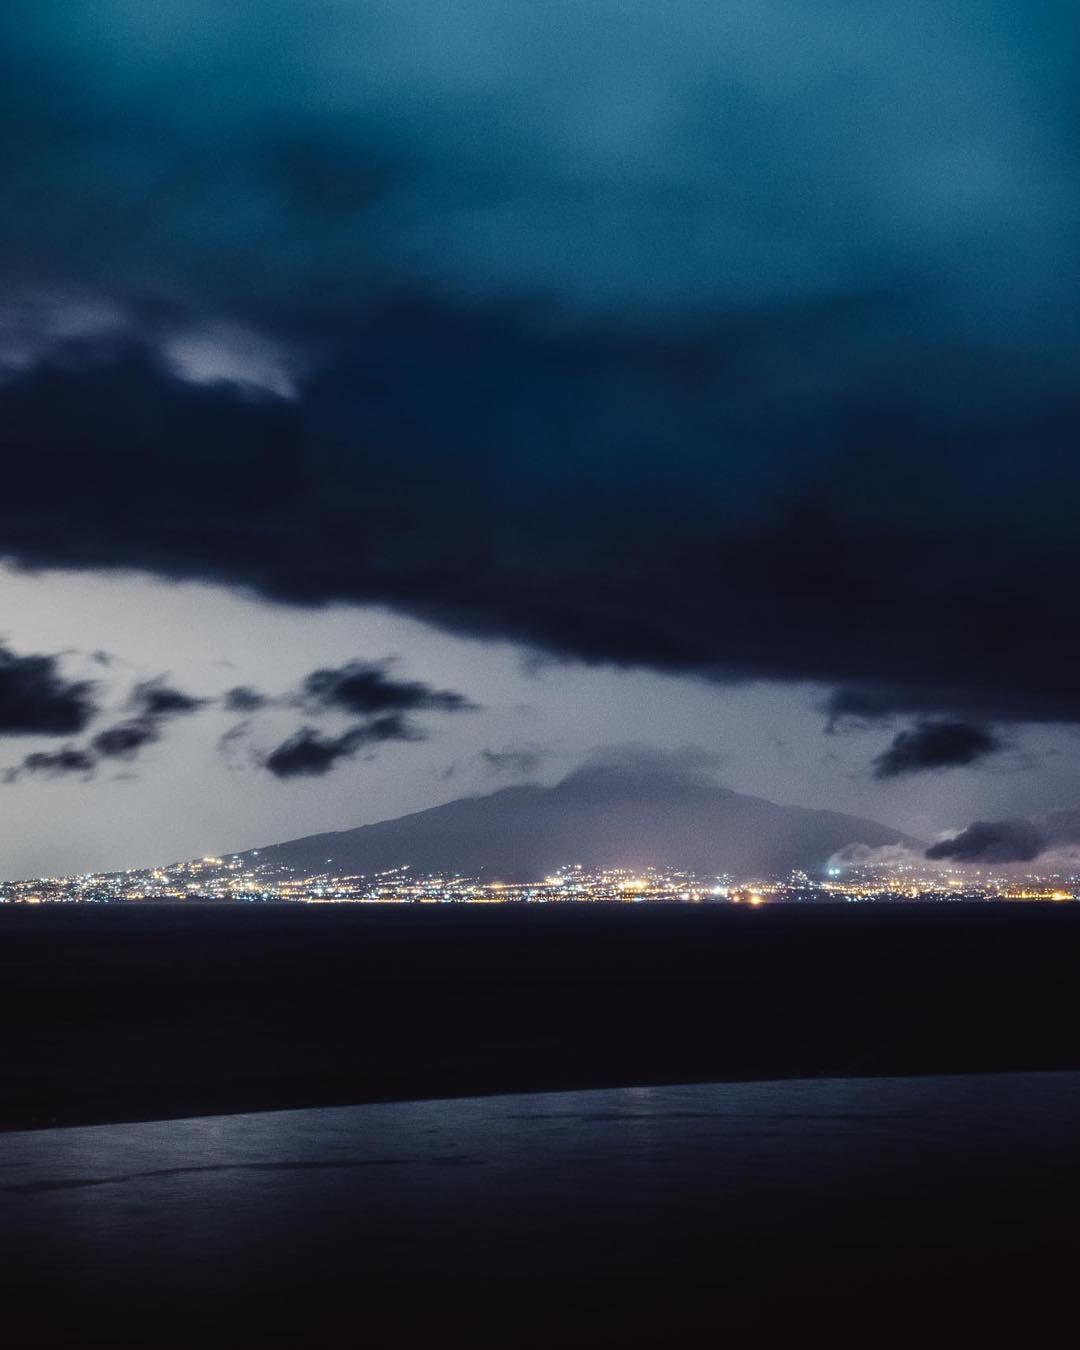 A la fin du spectacle la baie de #Naples était fendue #Vesuve #Orage #wow